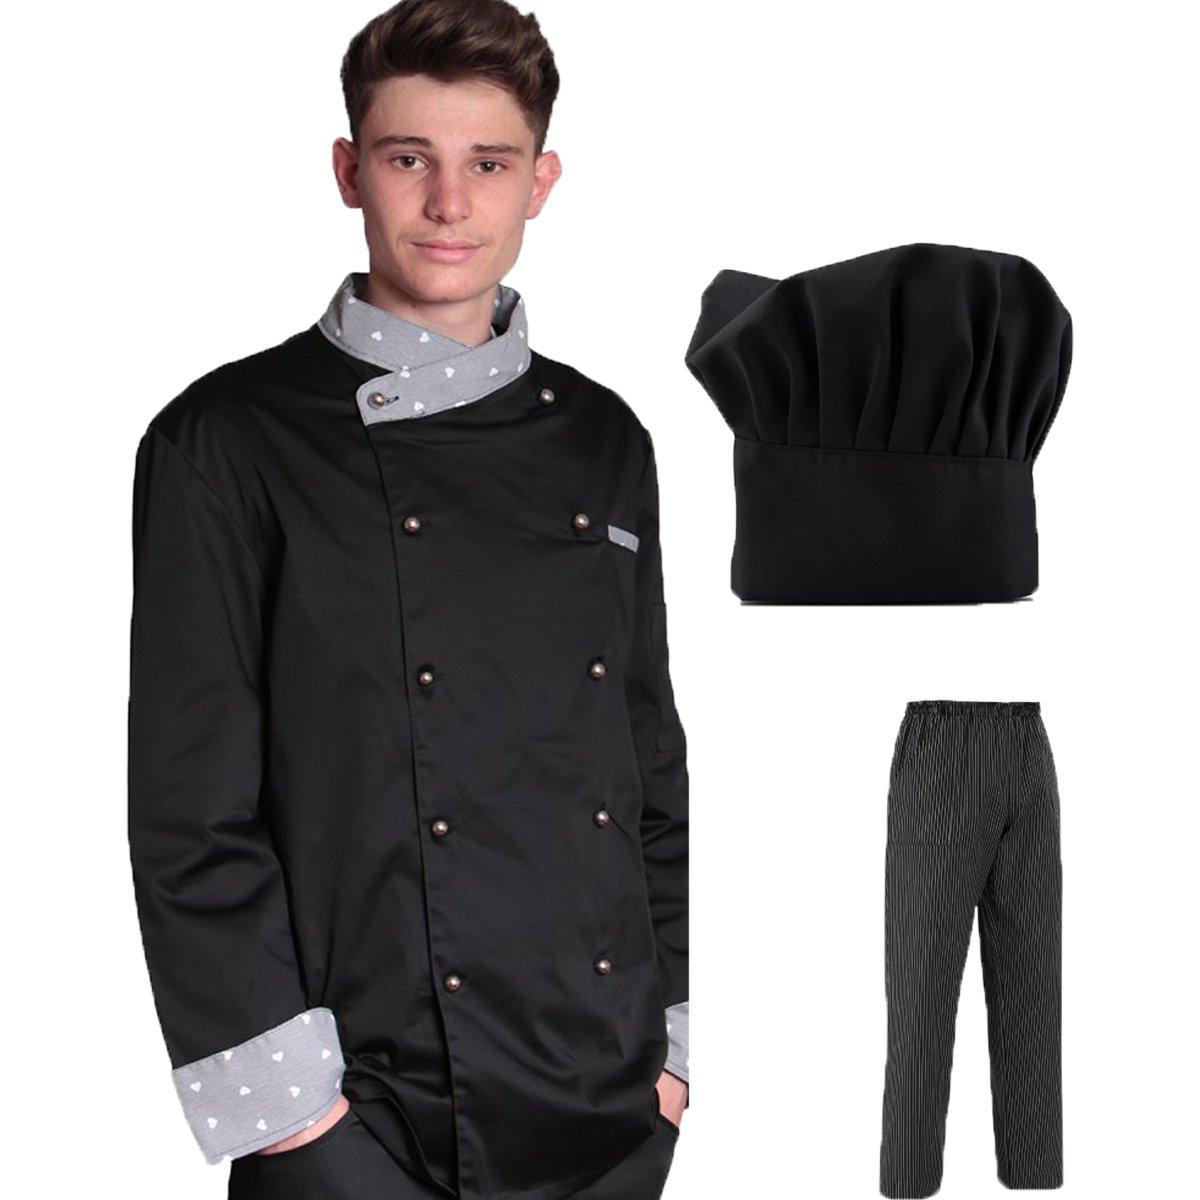 Giacca cuoco cake design con cappello e pantalone nero o jeans da cucina 3 pezzi (giacca + pantalone + cappello) made in italy